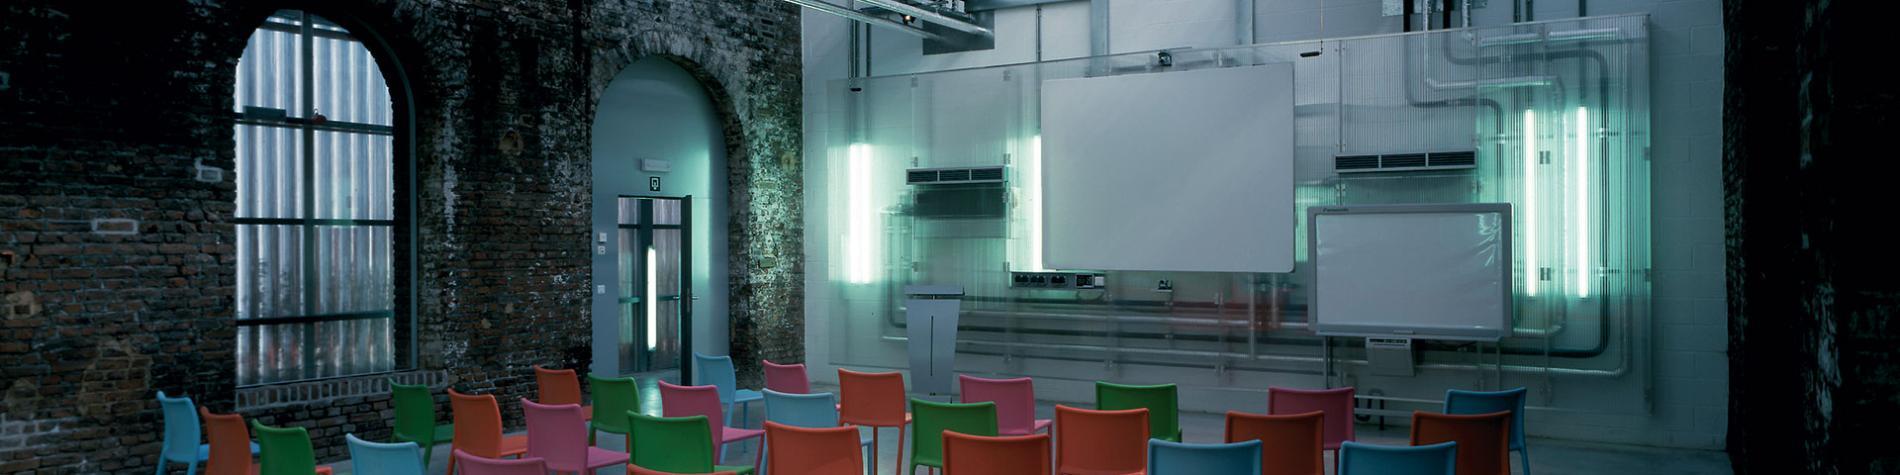 salle en théâtre avec toit en verre